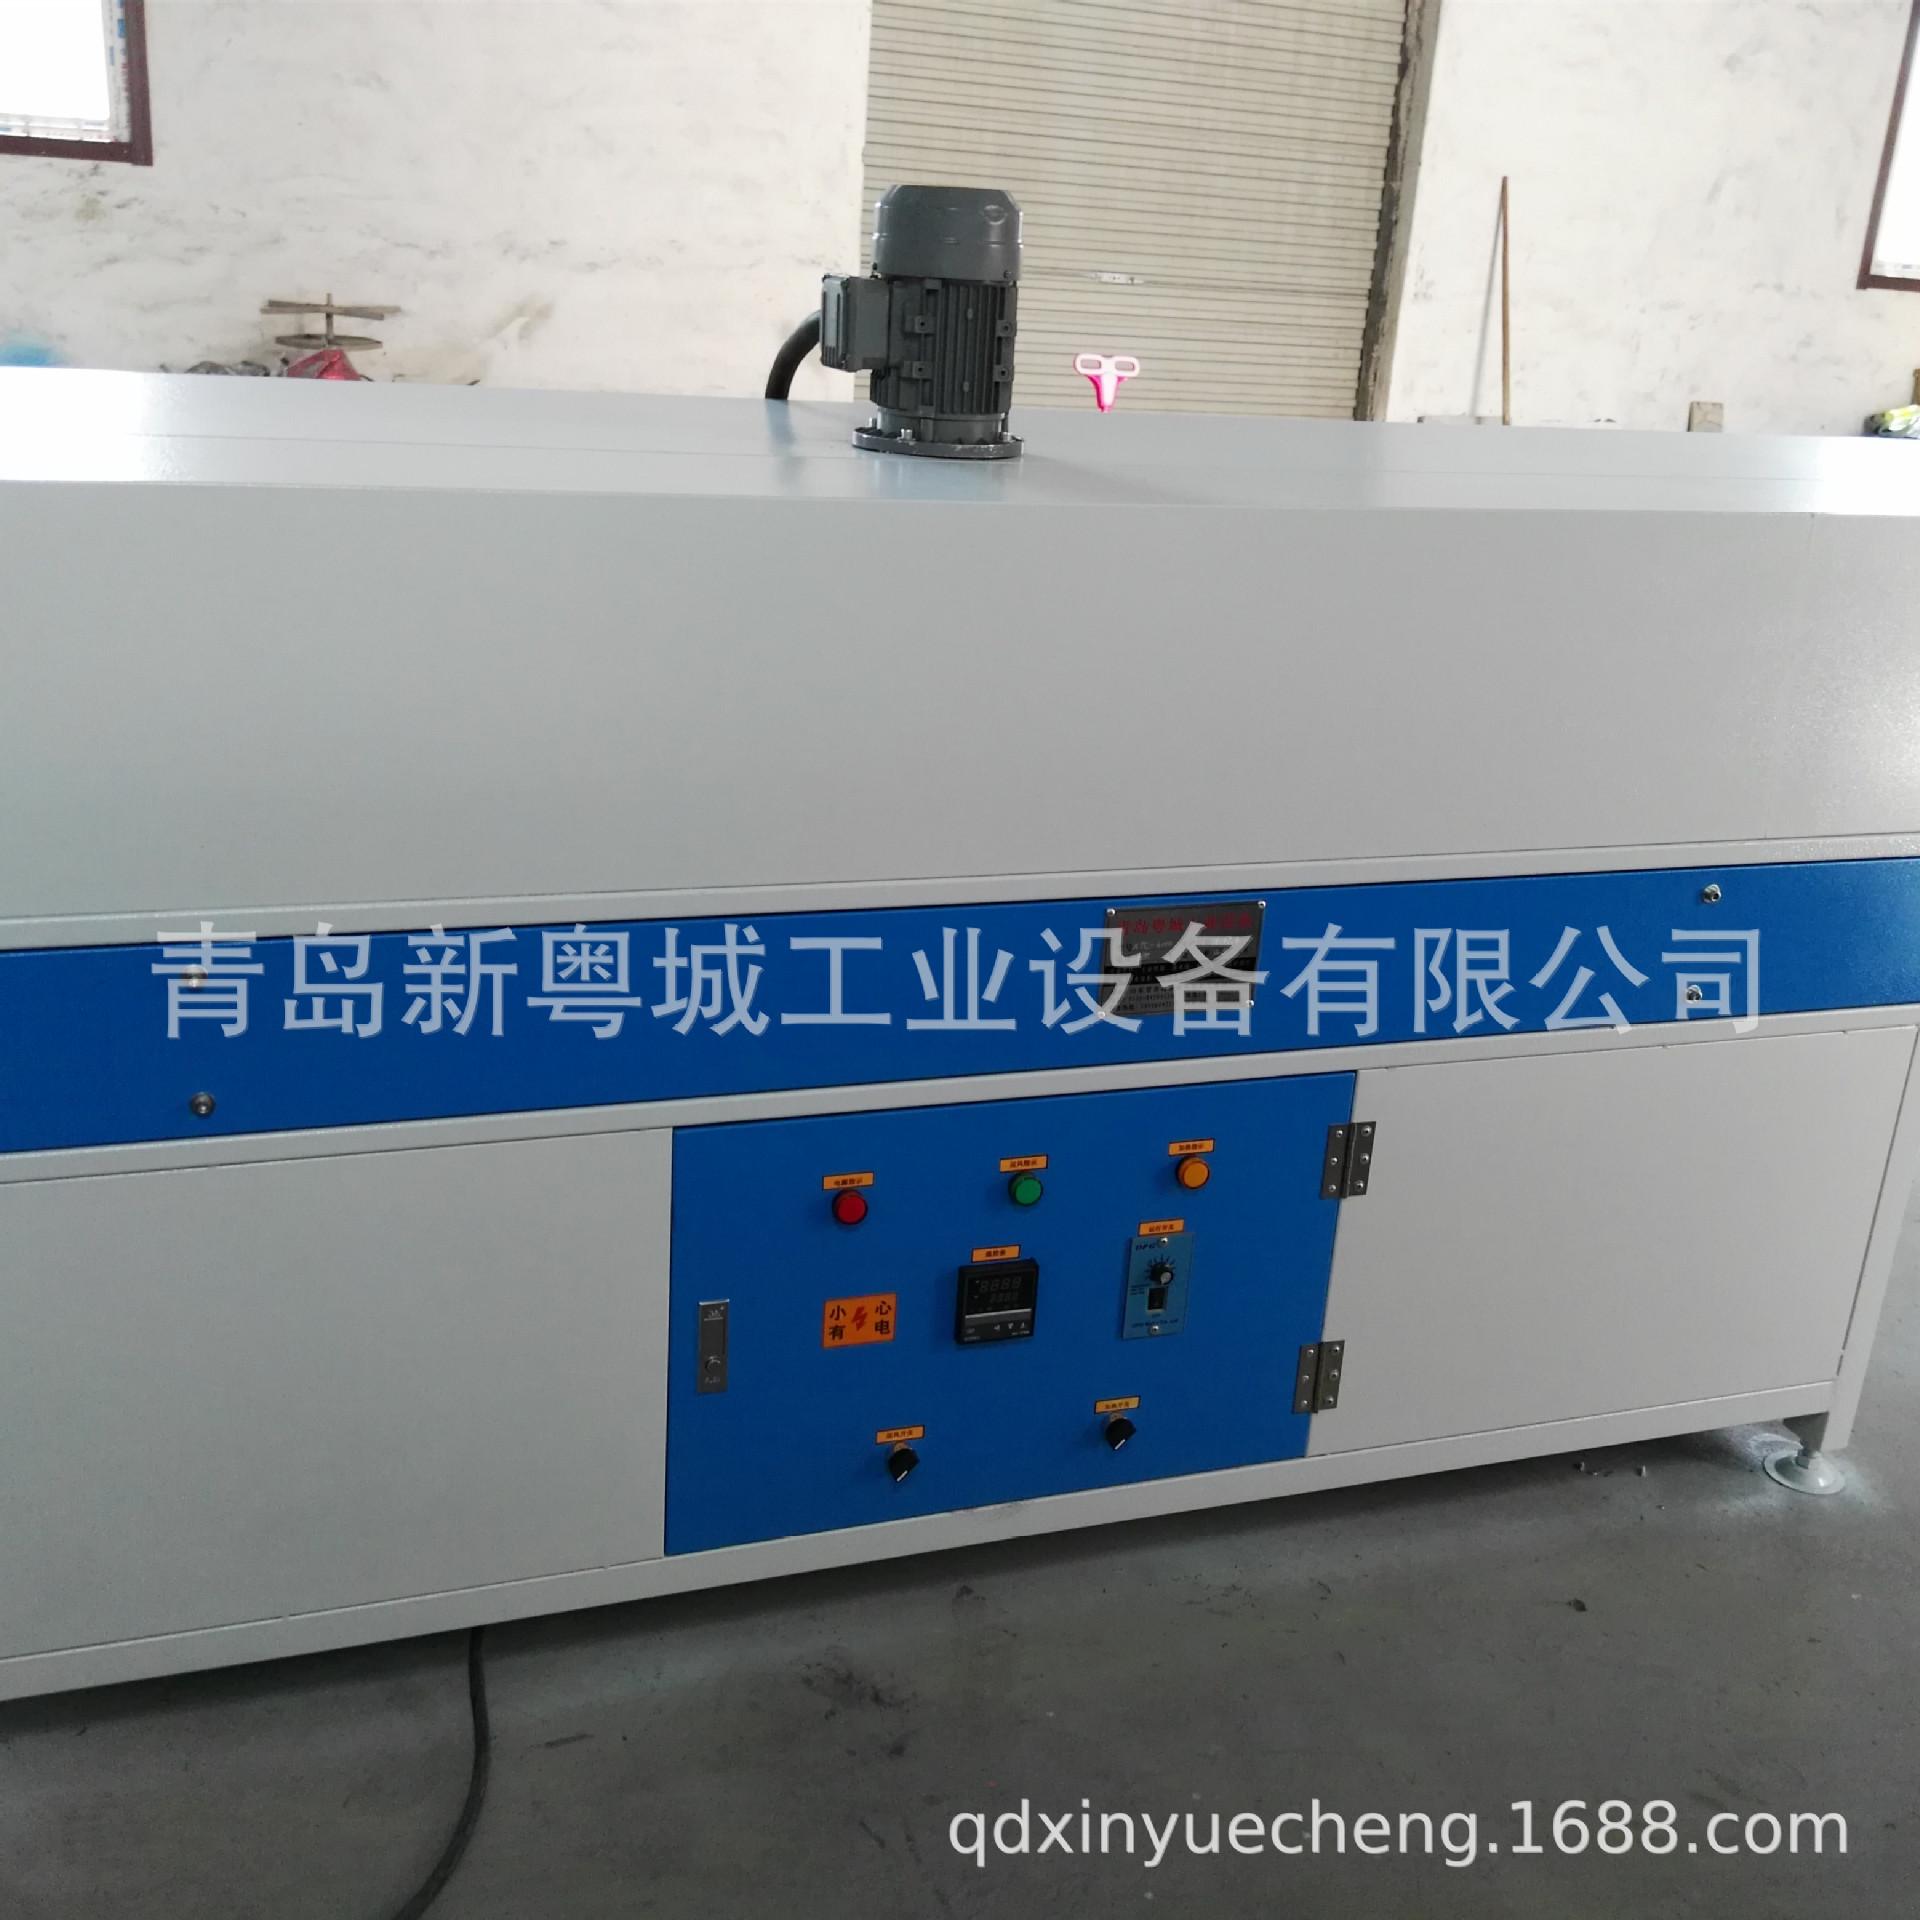 uv光固化机_uv固化炉 紫外线uv机 uv光固化 新粤城非标定做